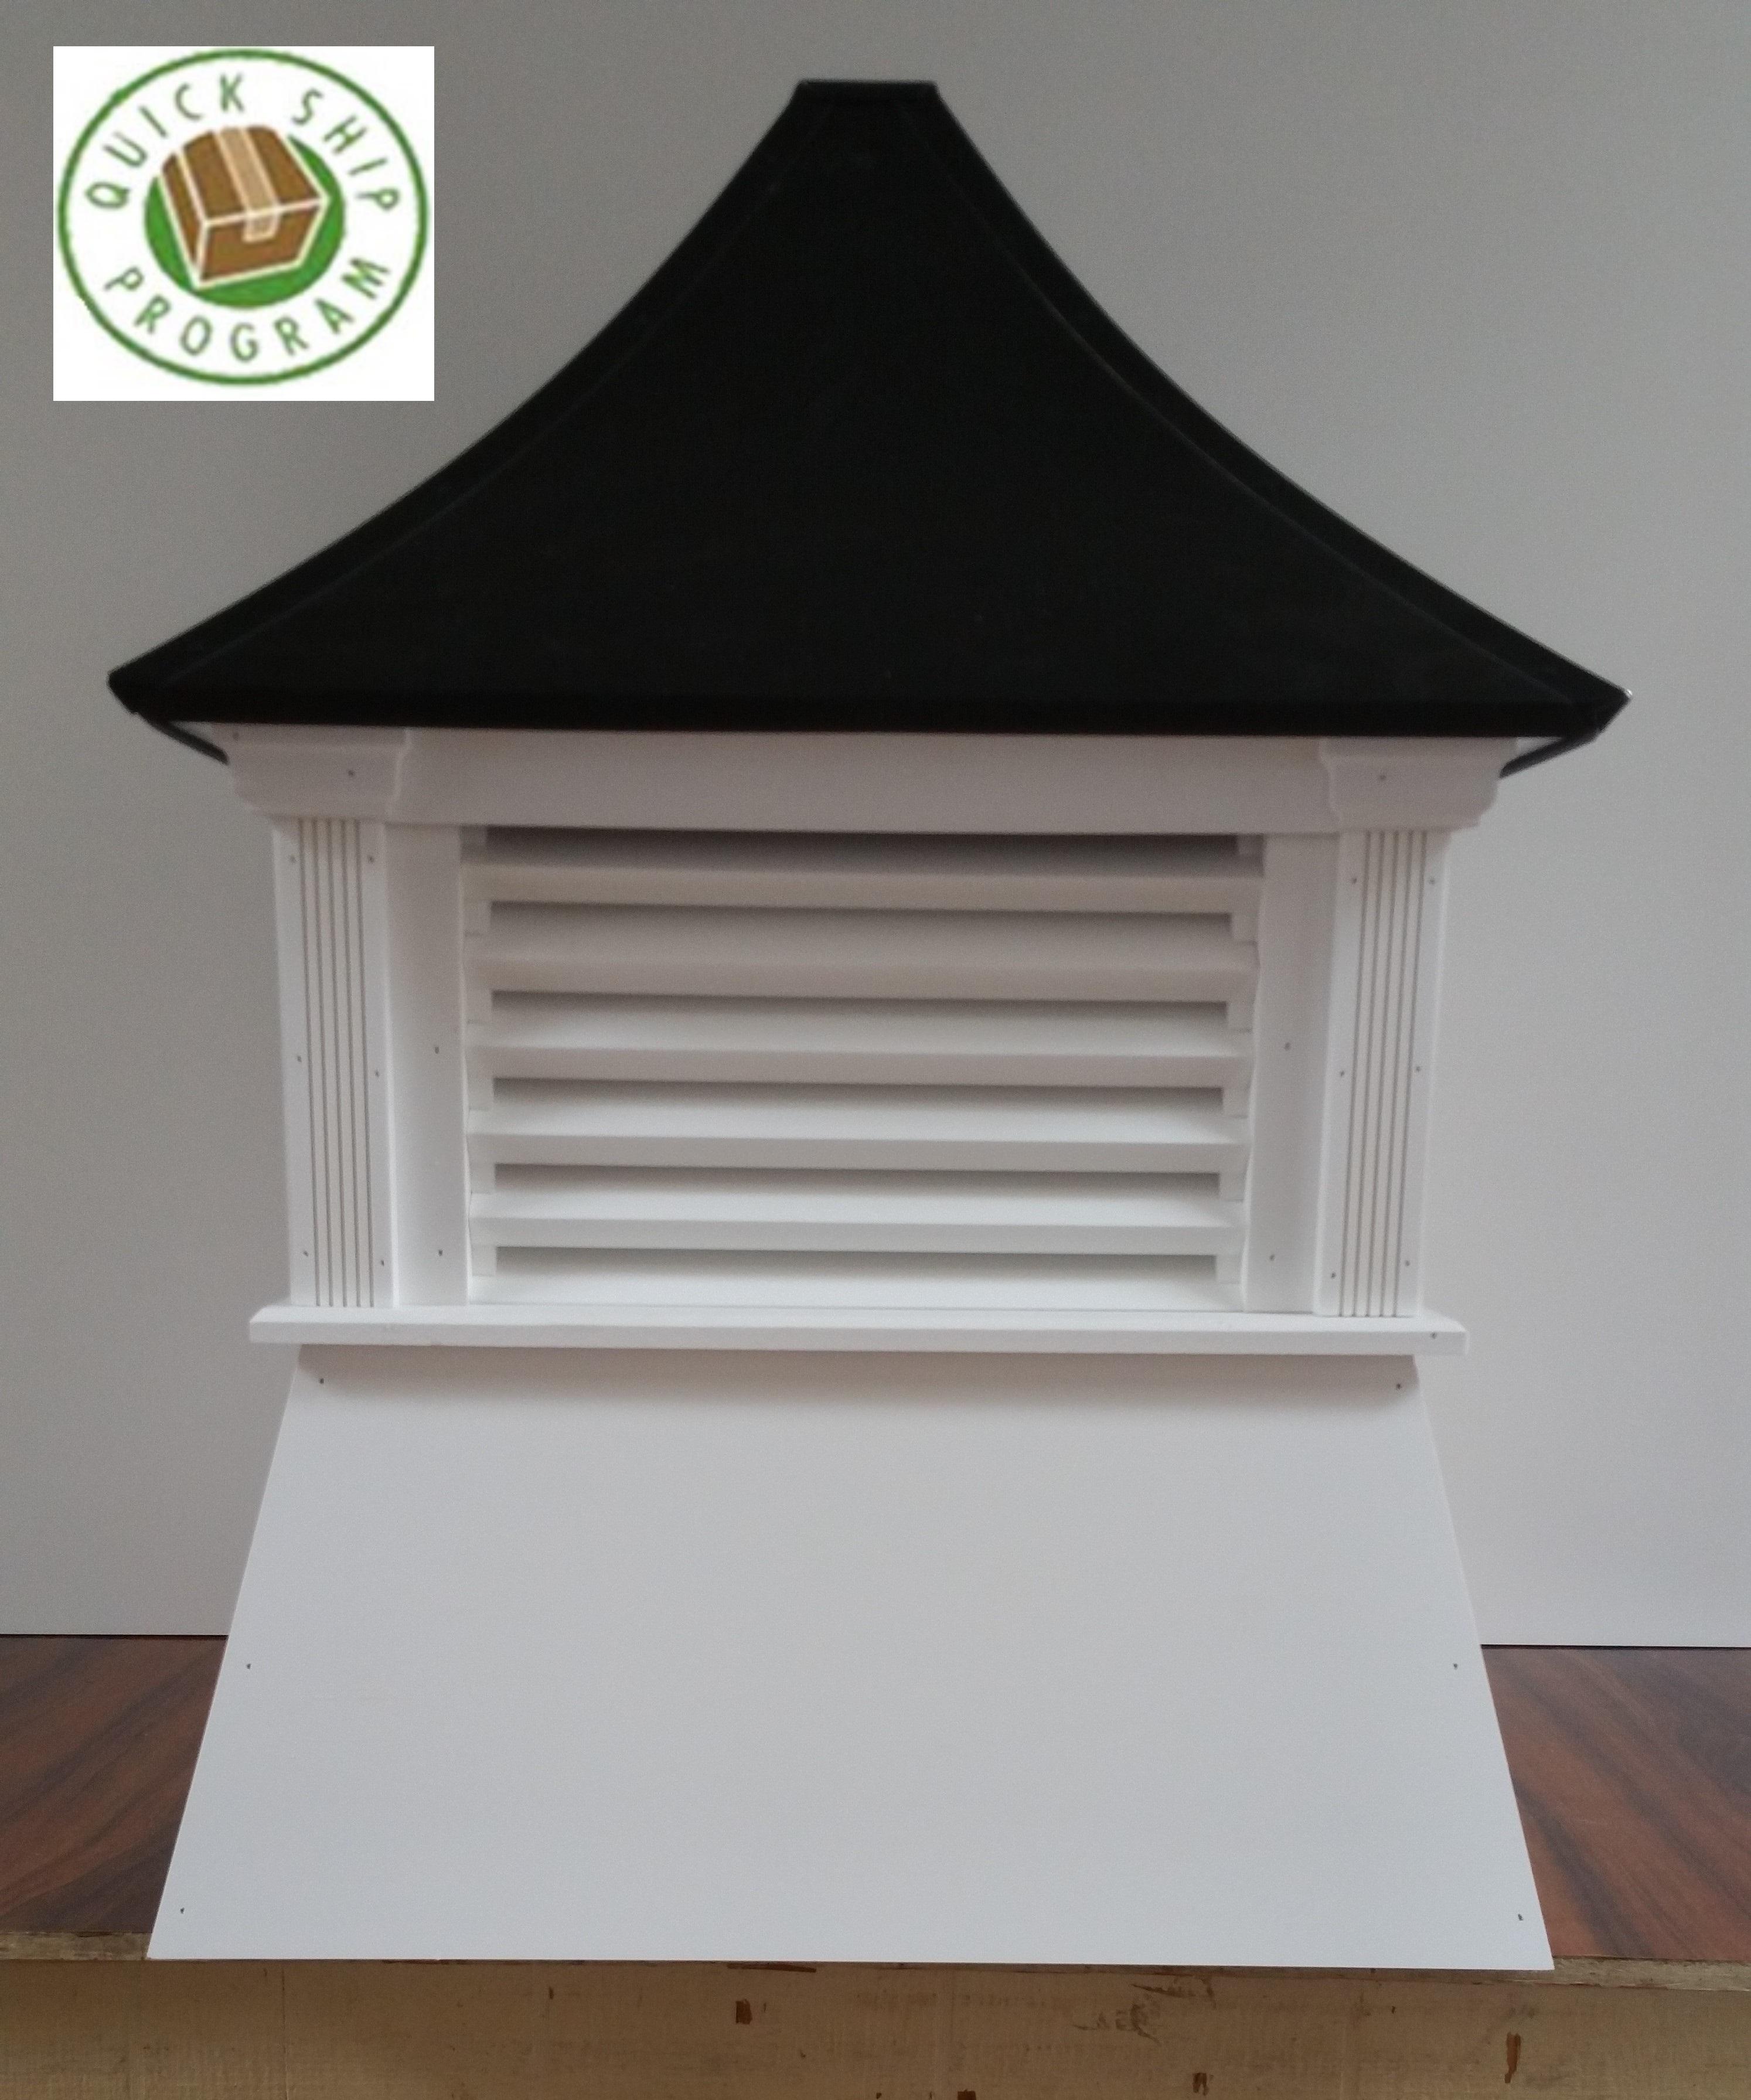 noble cupola with quick ship program logo